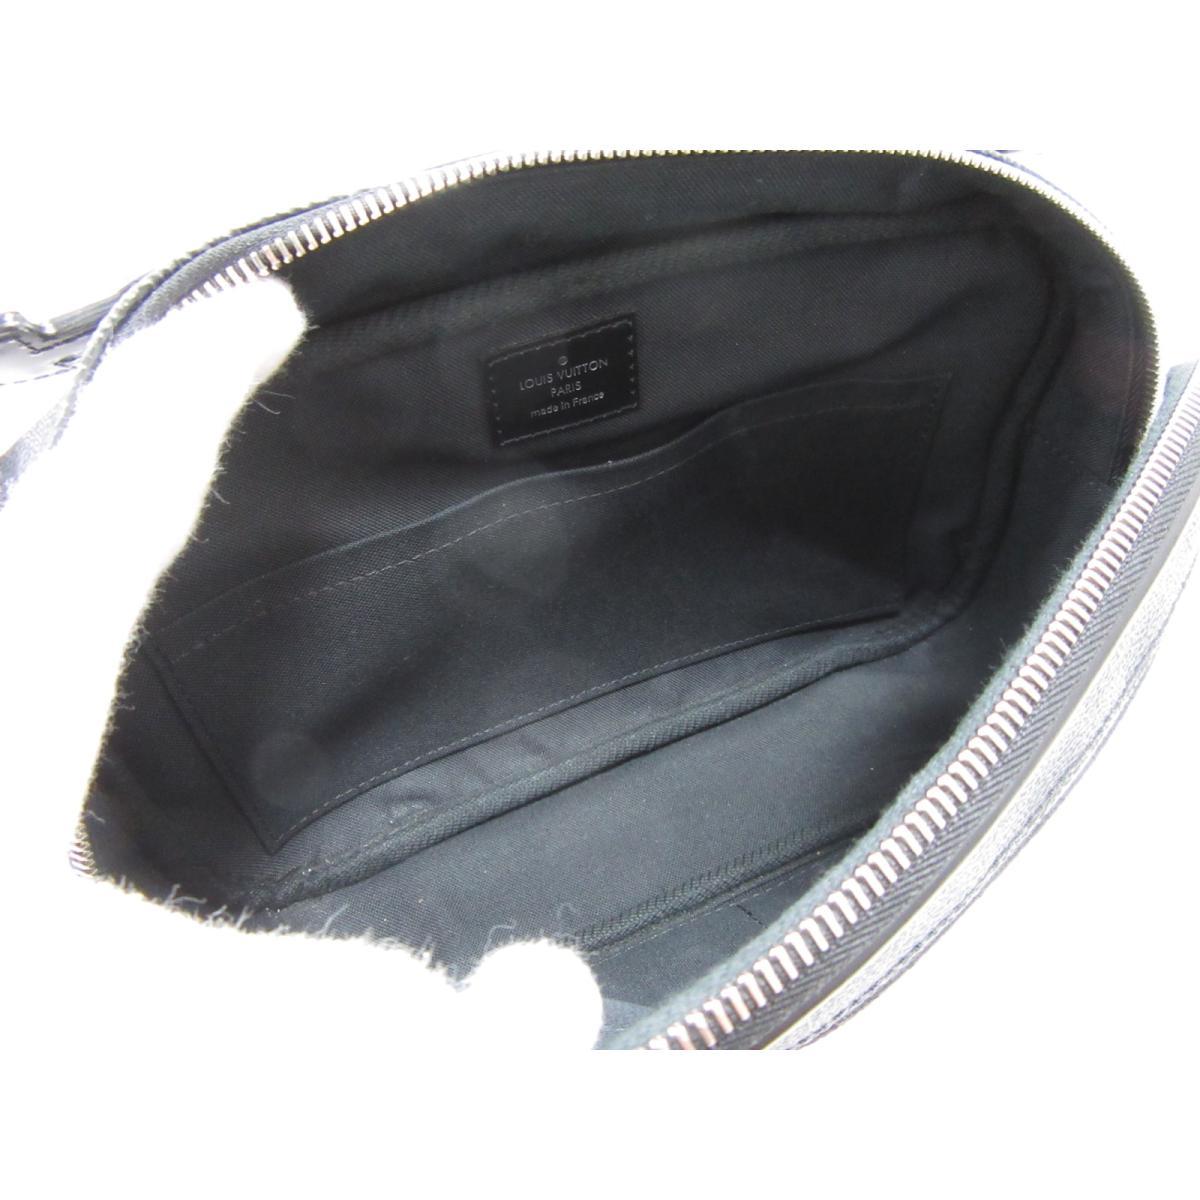 8449a5a0280c Authentic LOUIS VUITTON Ambler Belt Crossbody Bag N41289 Damier Graphite